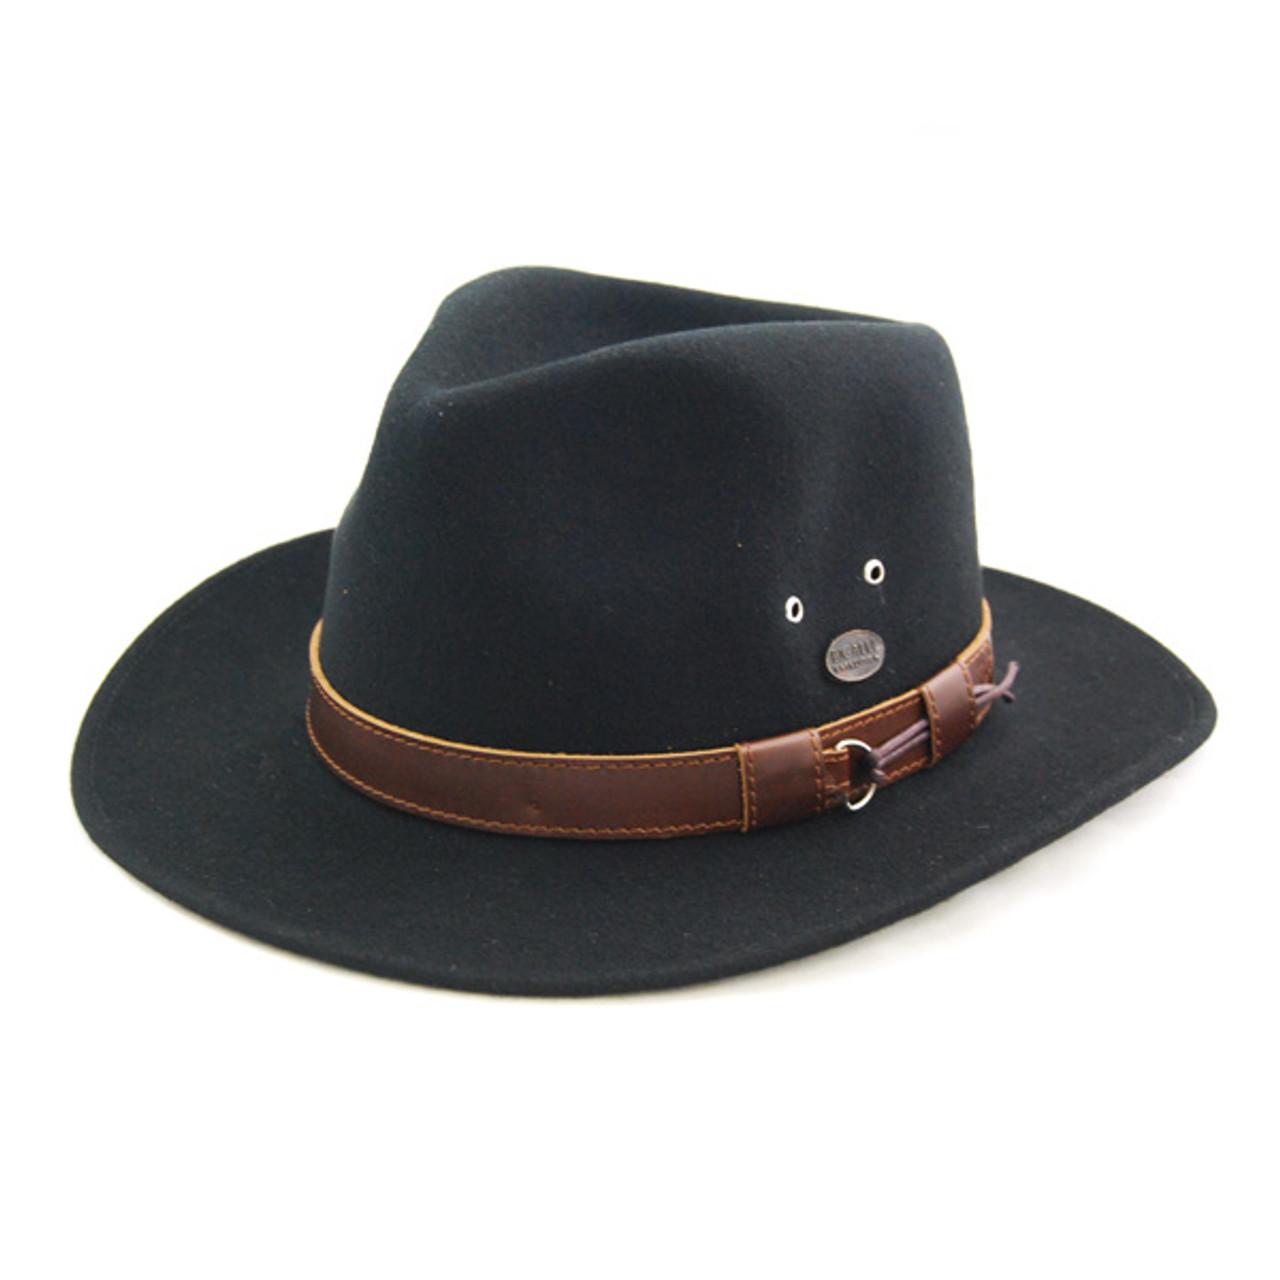 Fall Hat for Men